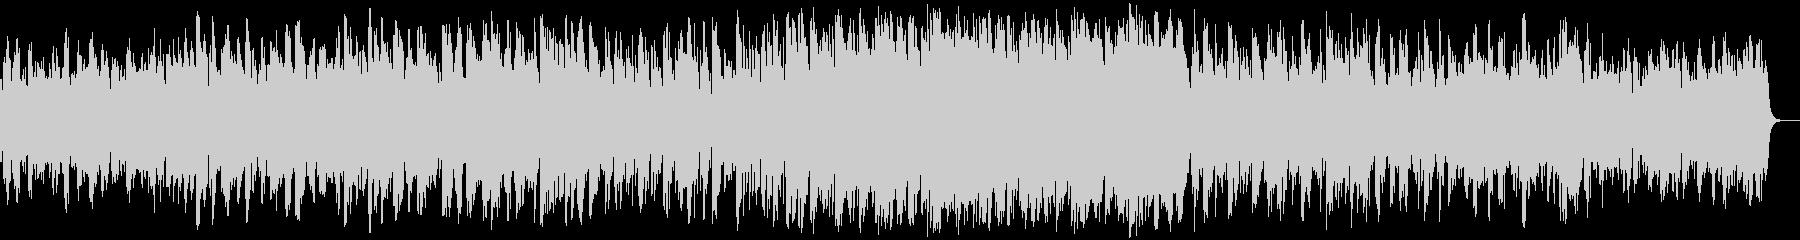 パズルゲームのBGMをイメージした曲で…の未再生の波形